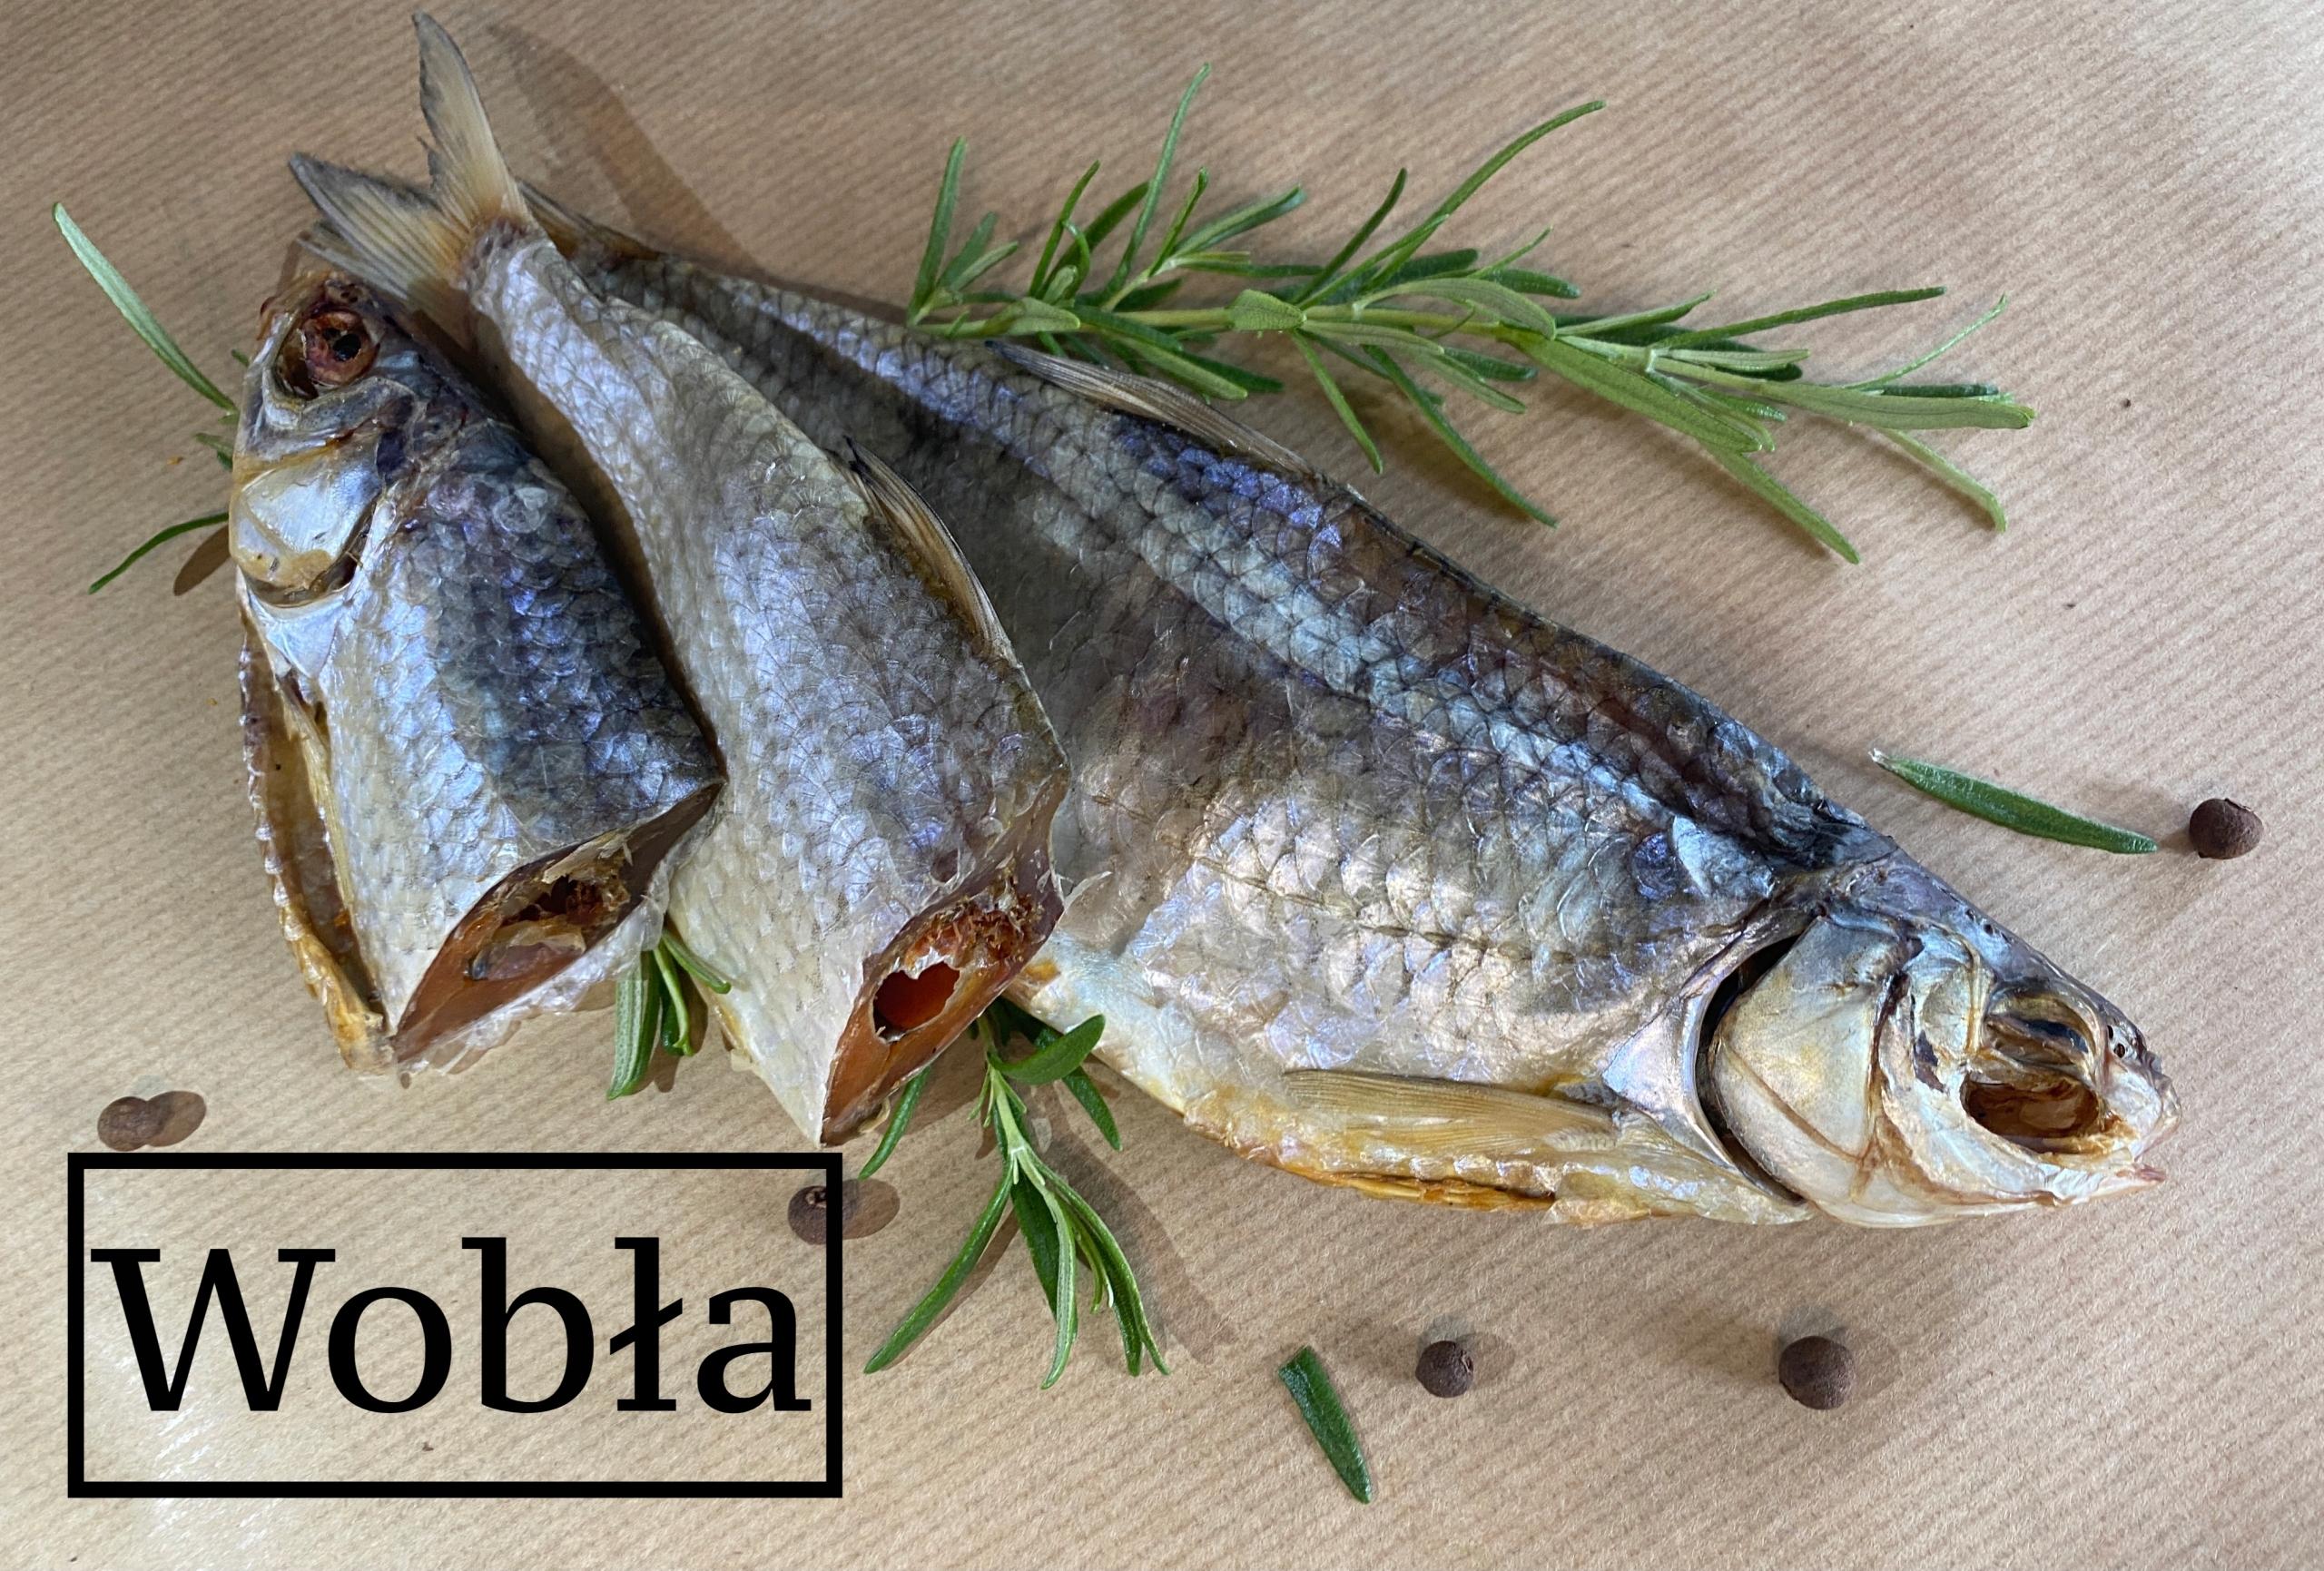 Вобла (каспийская плотва) Вяленая рыба 100 +/- 10 г x 50 шт.